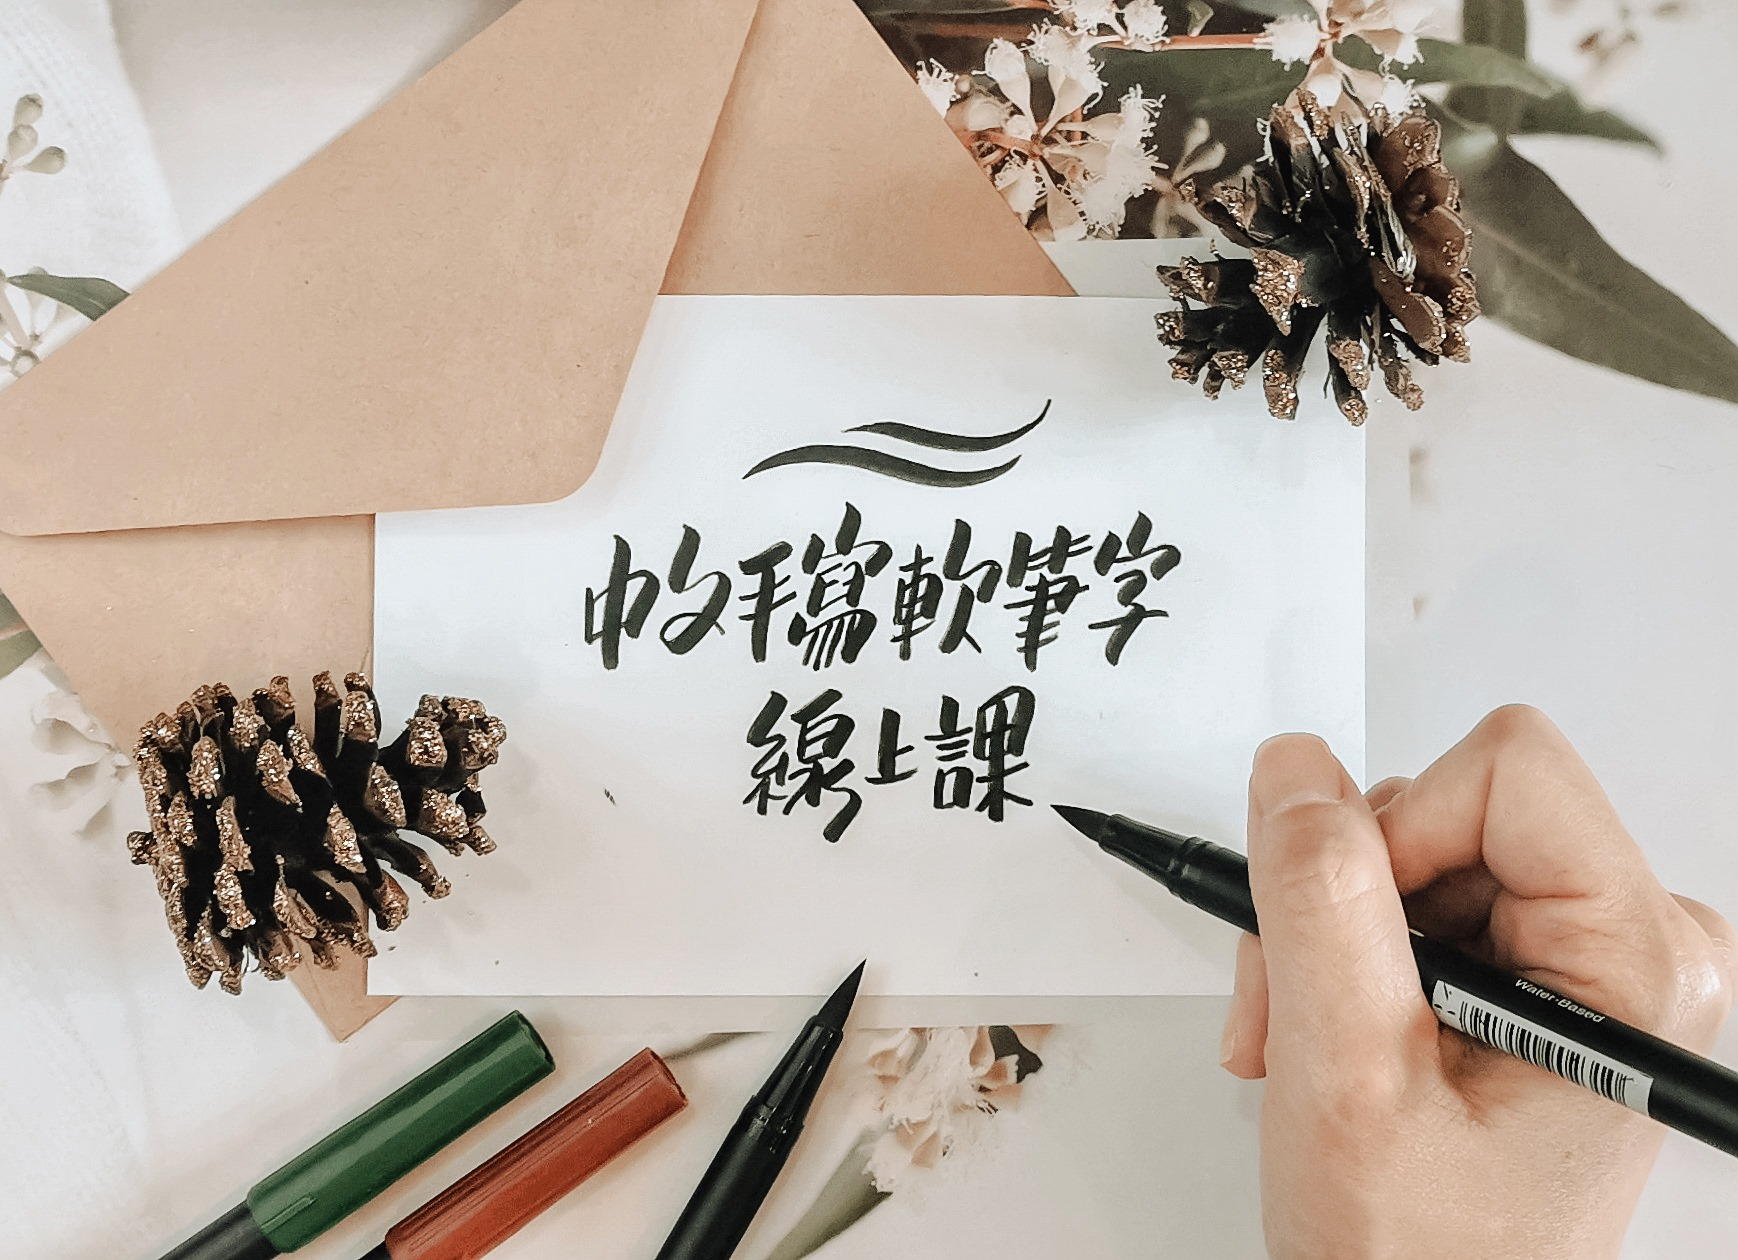 手写的爱更有温度,练出一手好看的中文软笔字 / Chinese Calligraphy Online Workshop